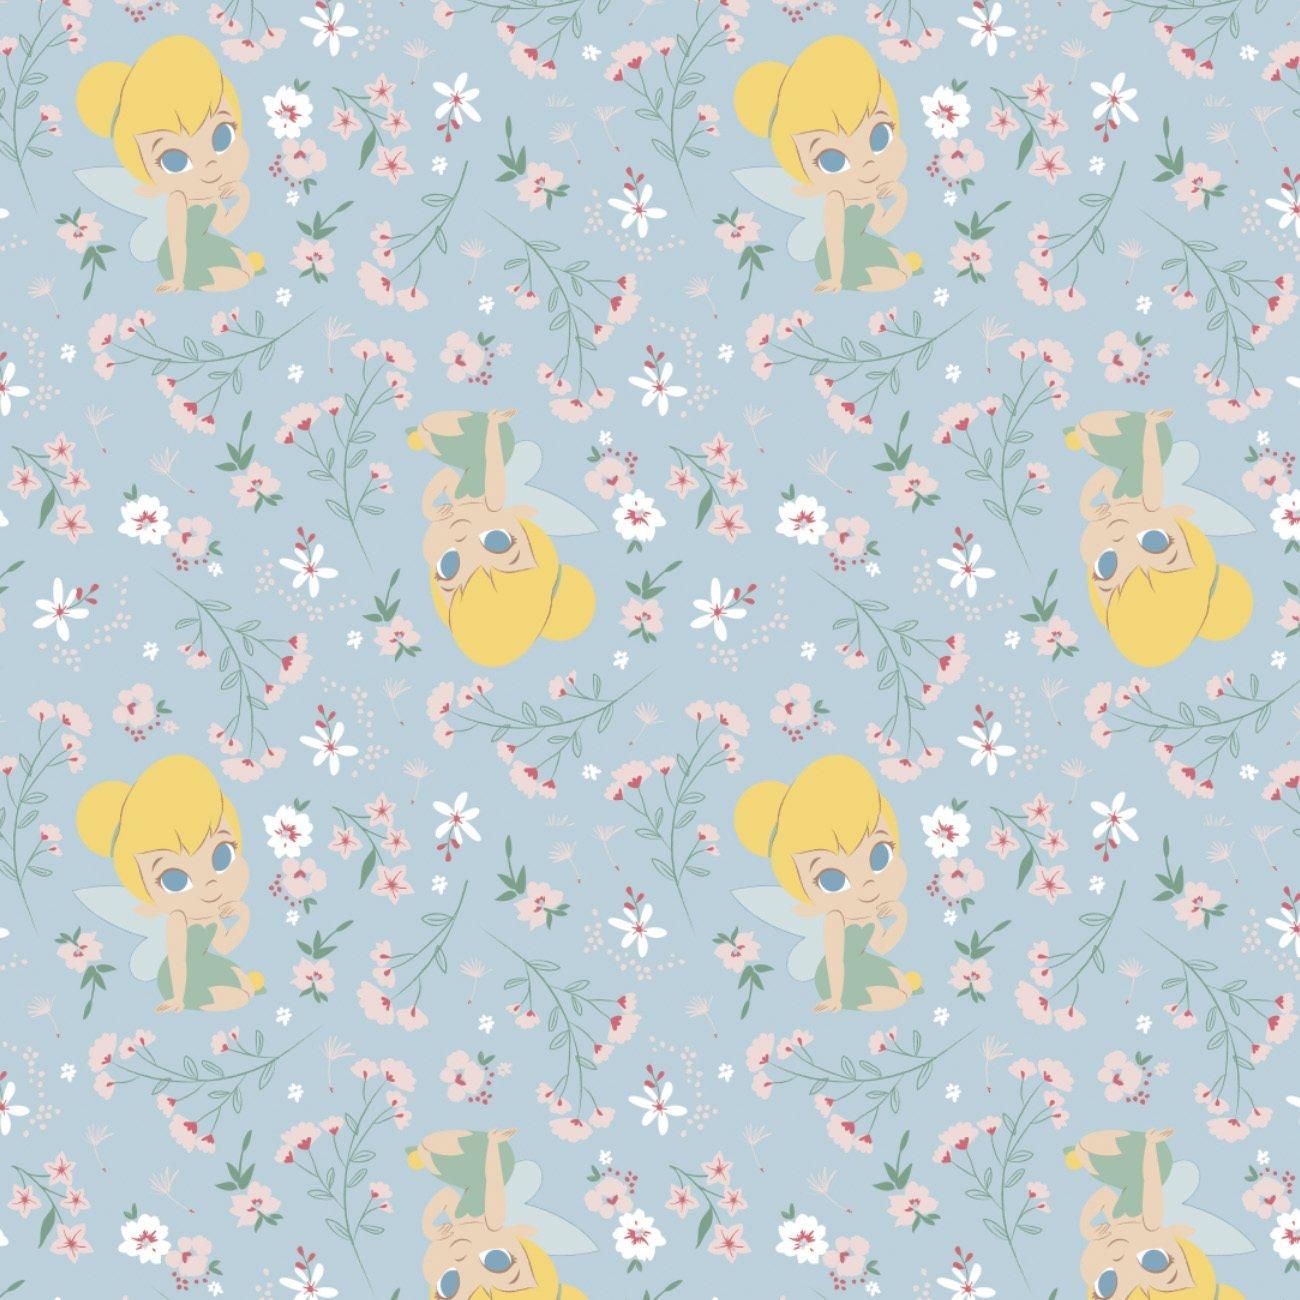 Disney Tinkerbell 304-2 Blue Neverland Gardens